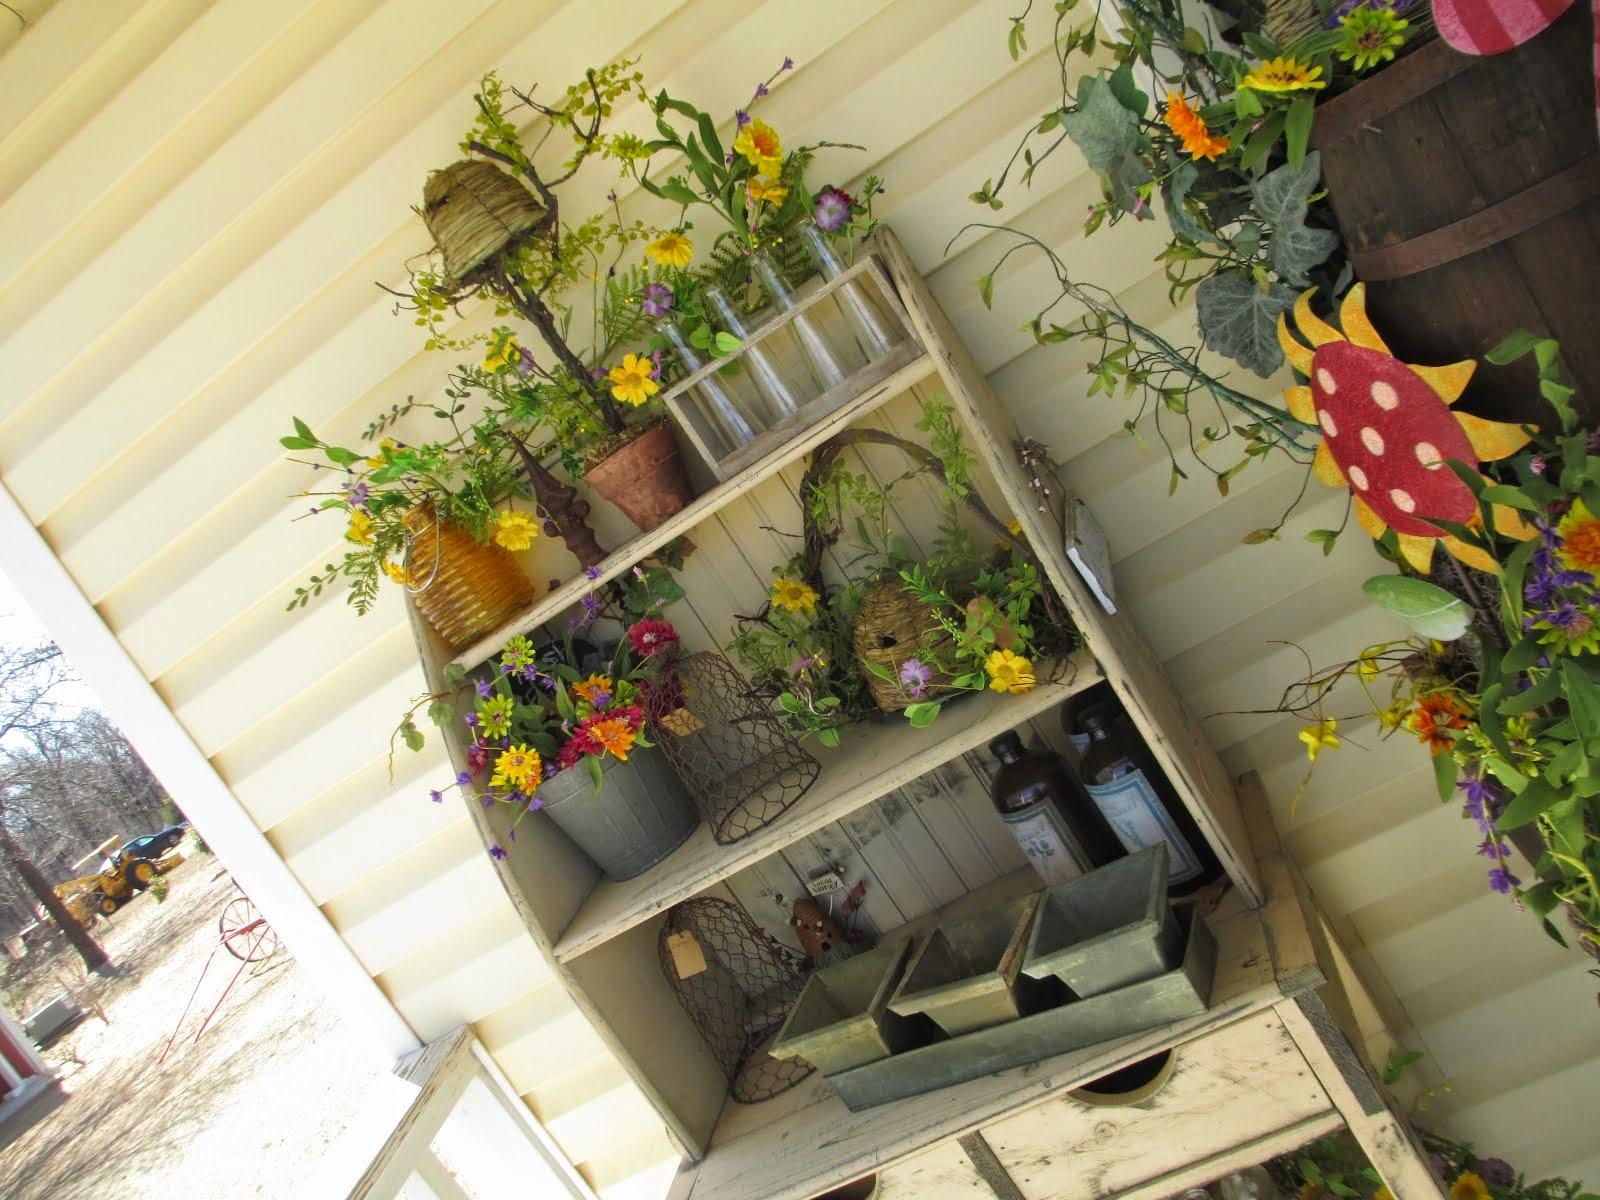 Tour A Lavender Farm W/ Me Part 1